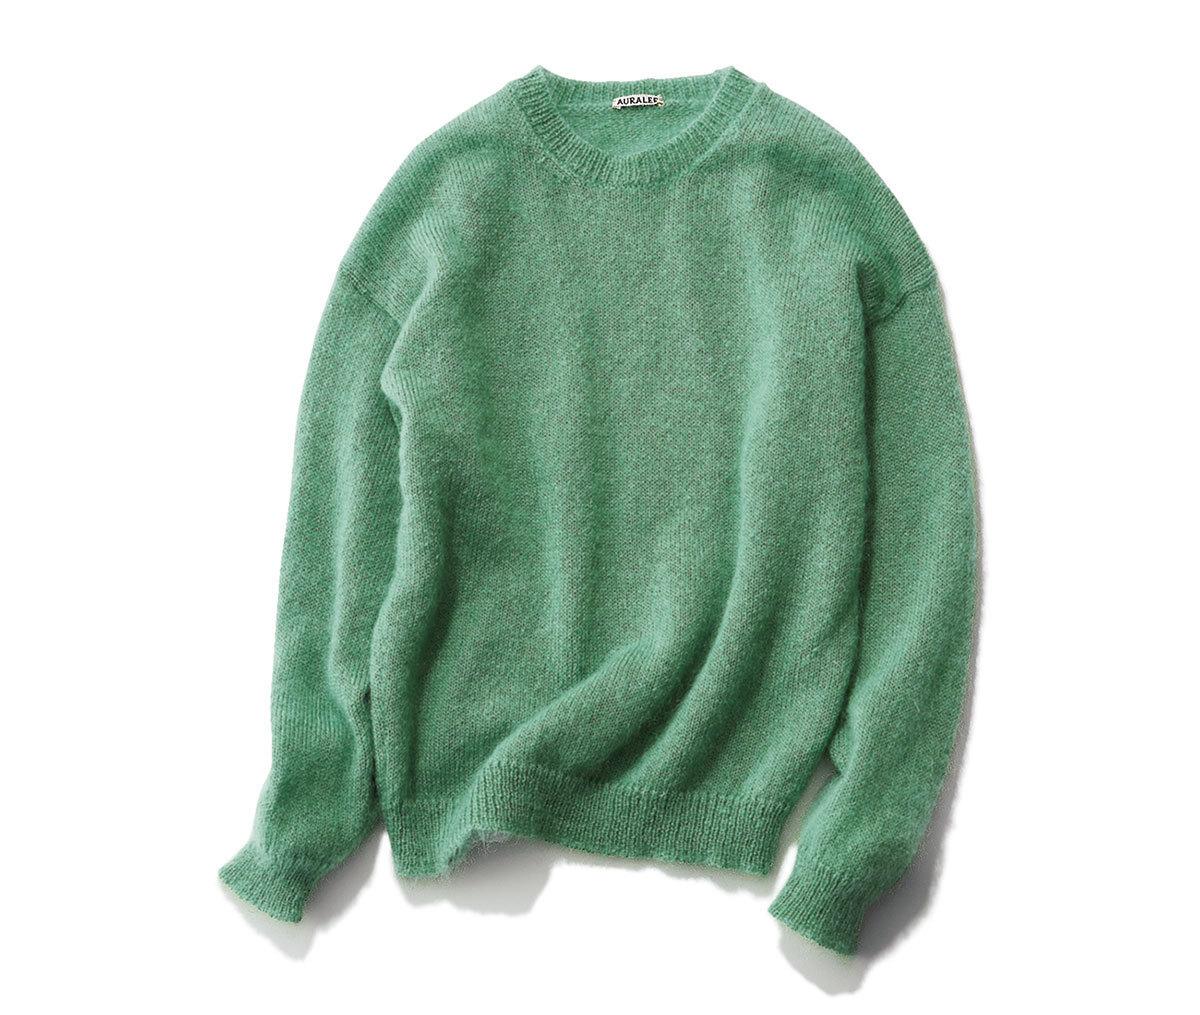 真冬コーデの差し色はコレ!グリーンに注目|40代 2020冬ファッション_1_4